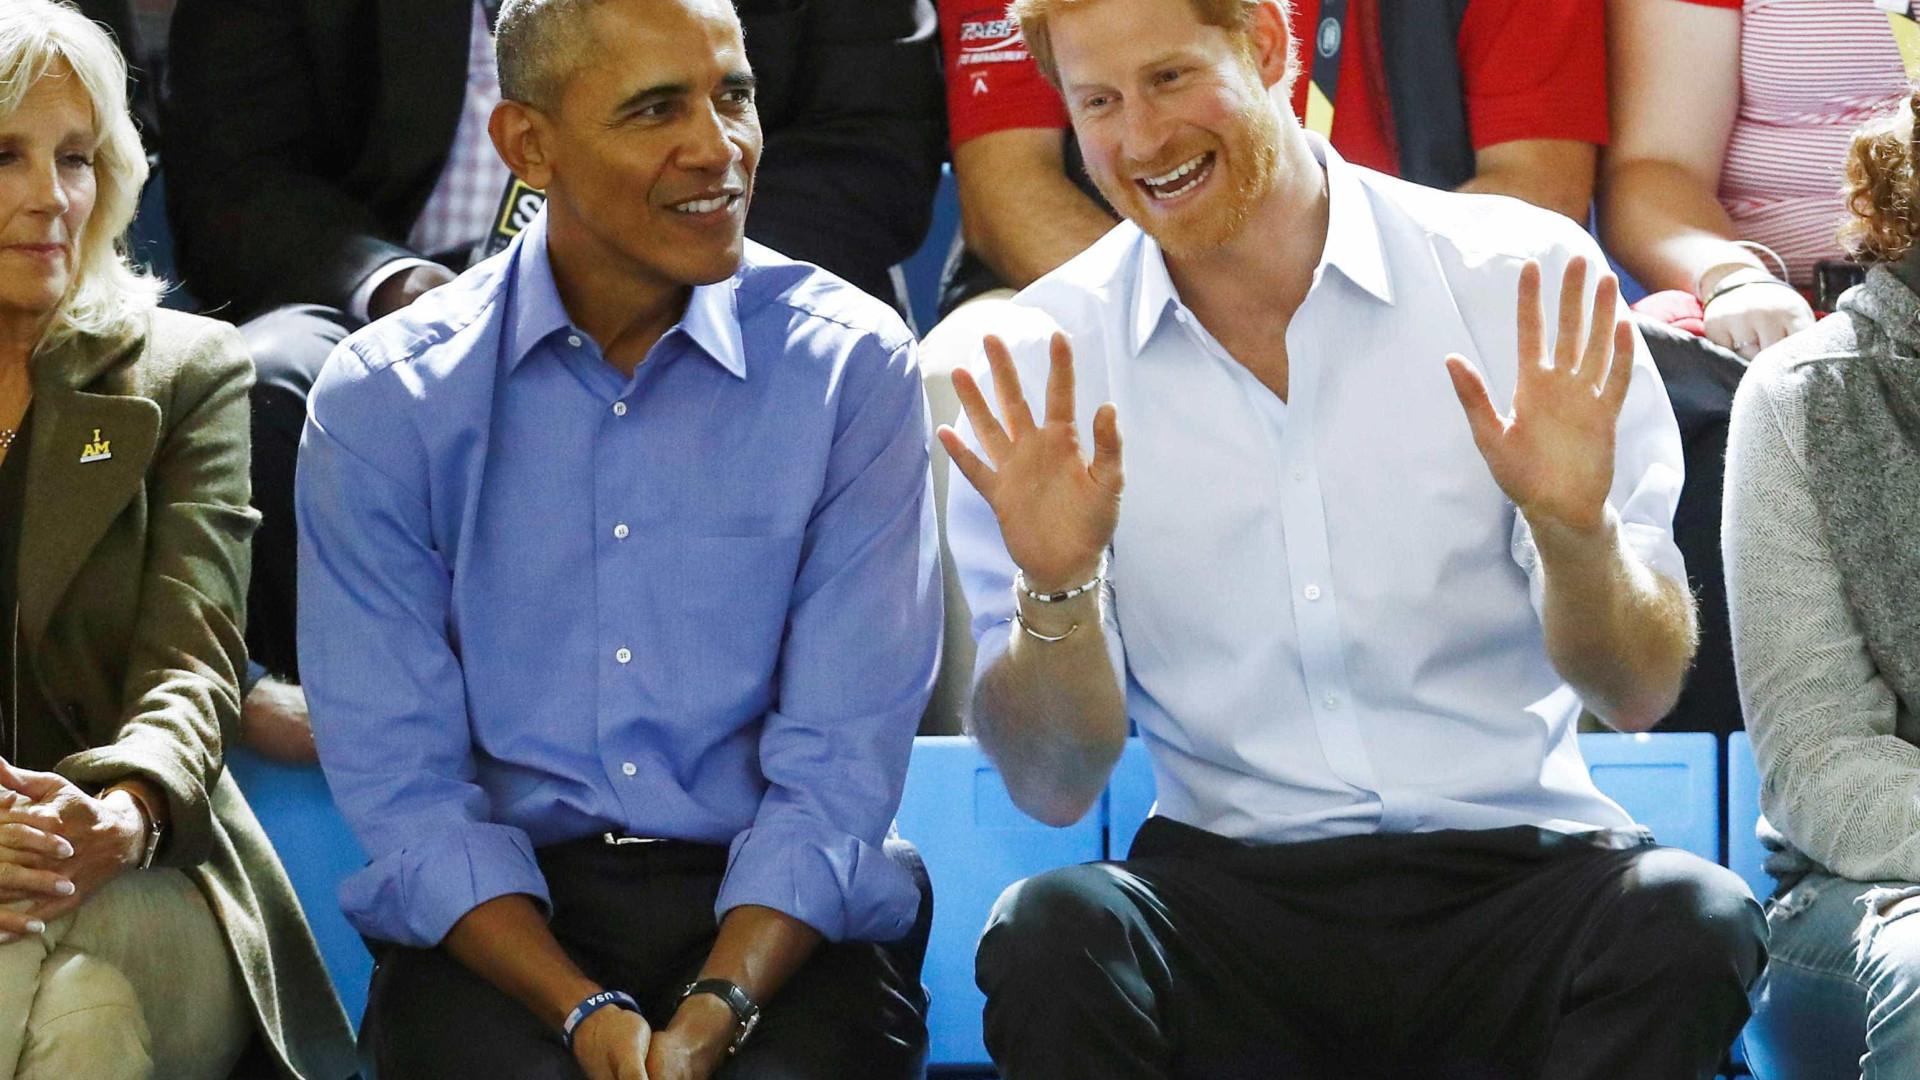 Príncipe Harry ainda não sabe se vai convidar Obama para casamento